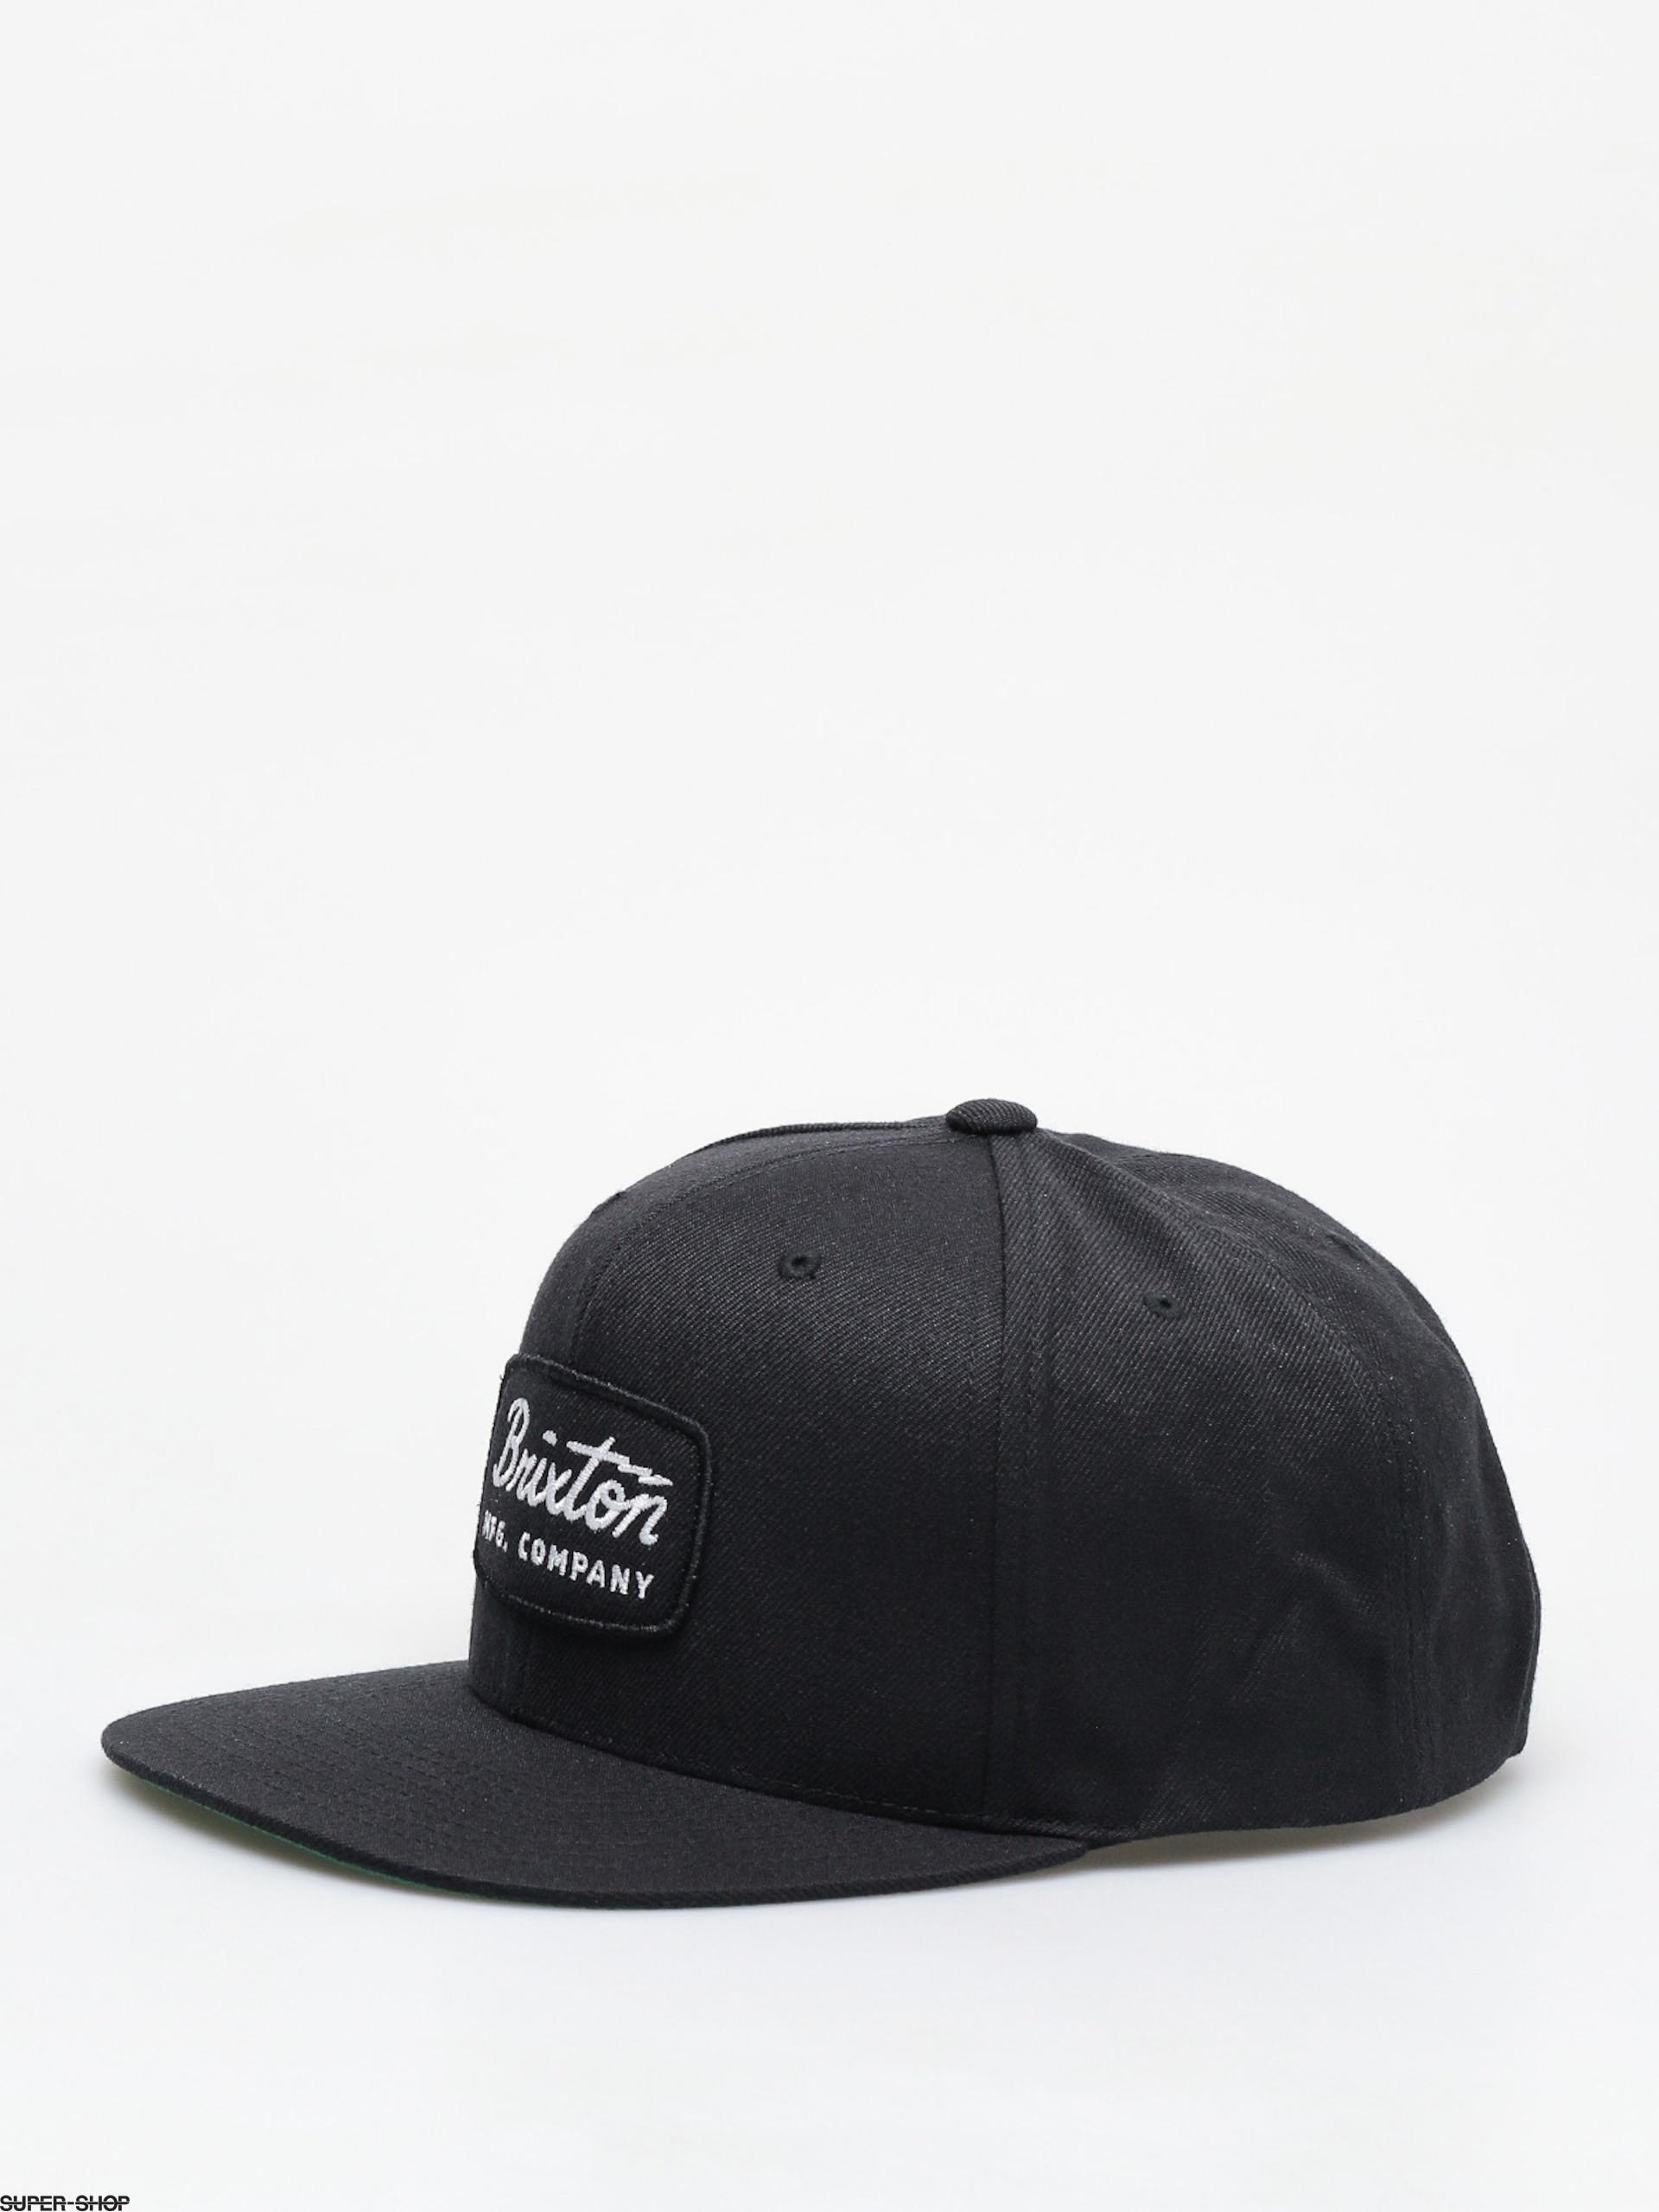 974fa5e4e043d 1021315-w1920-brixton-jolt-snapback-zd-cap-black-black-white.jpg